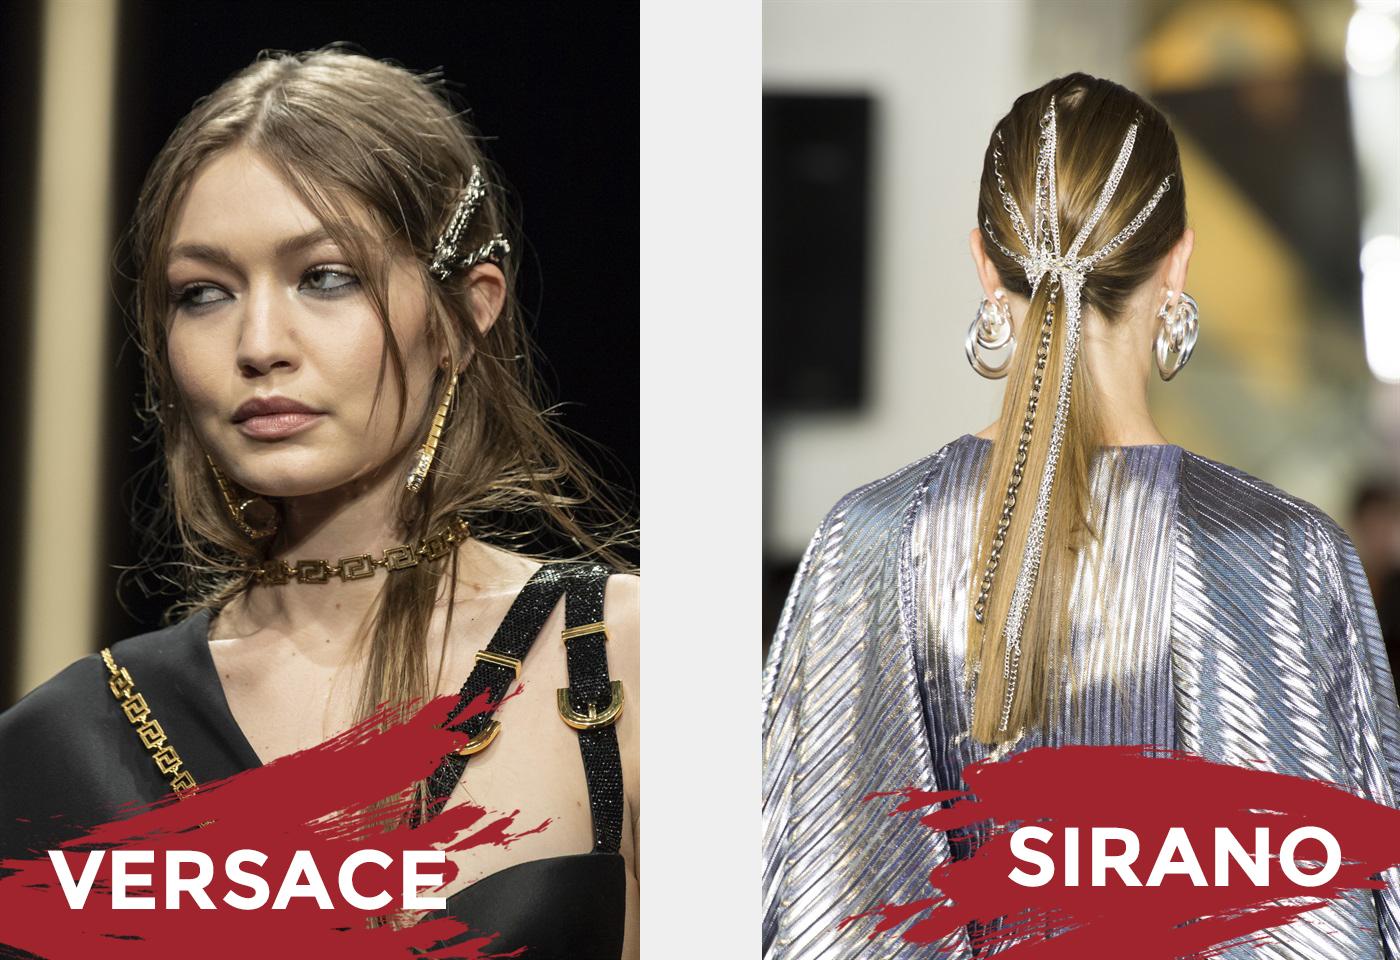 versace-sirano